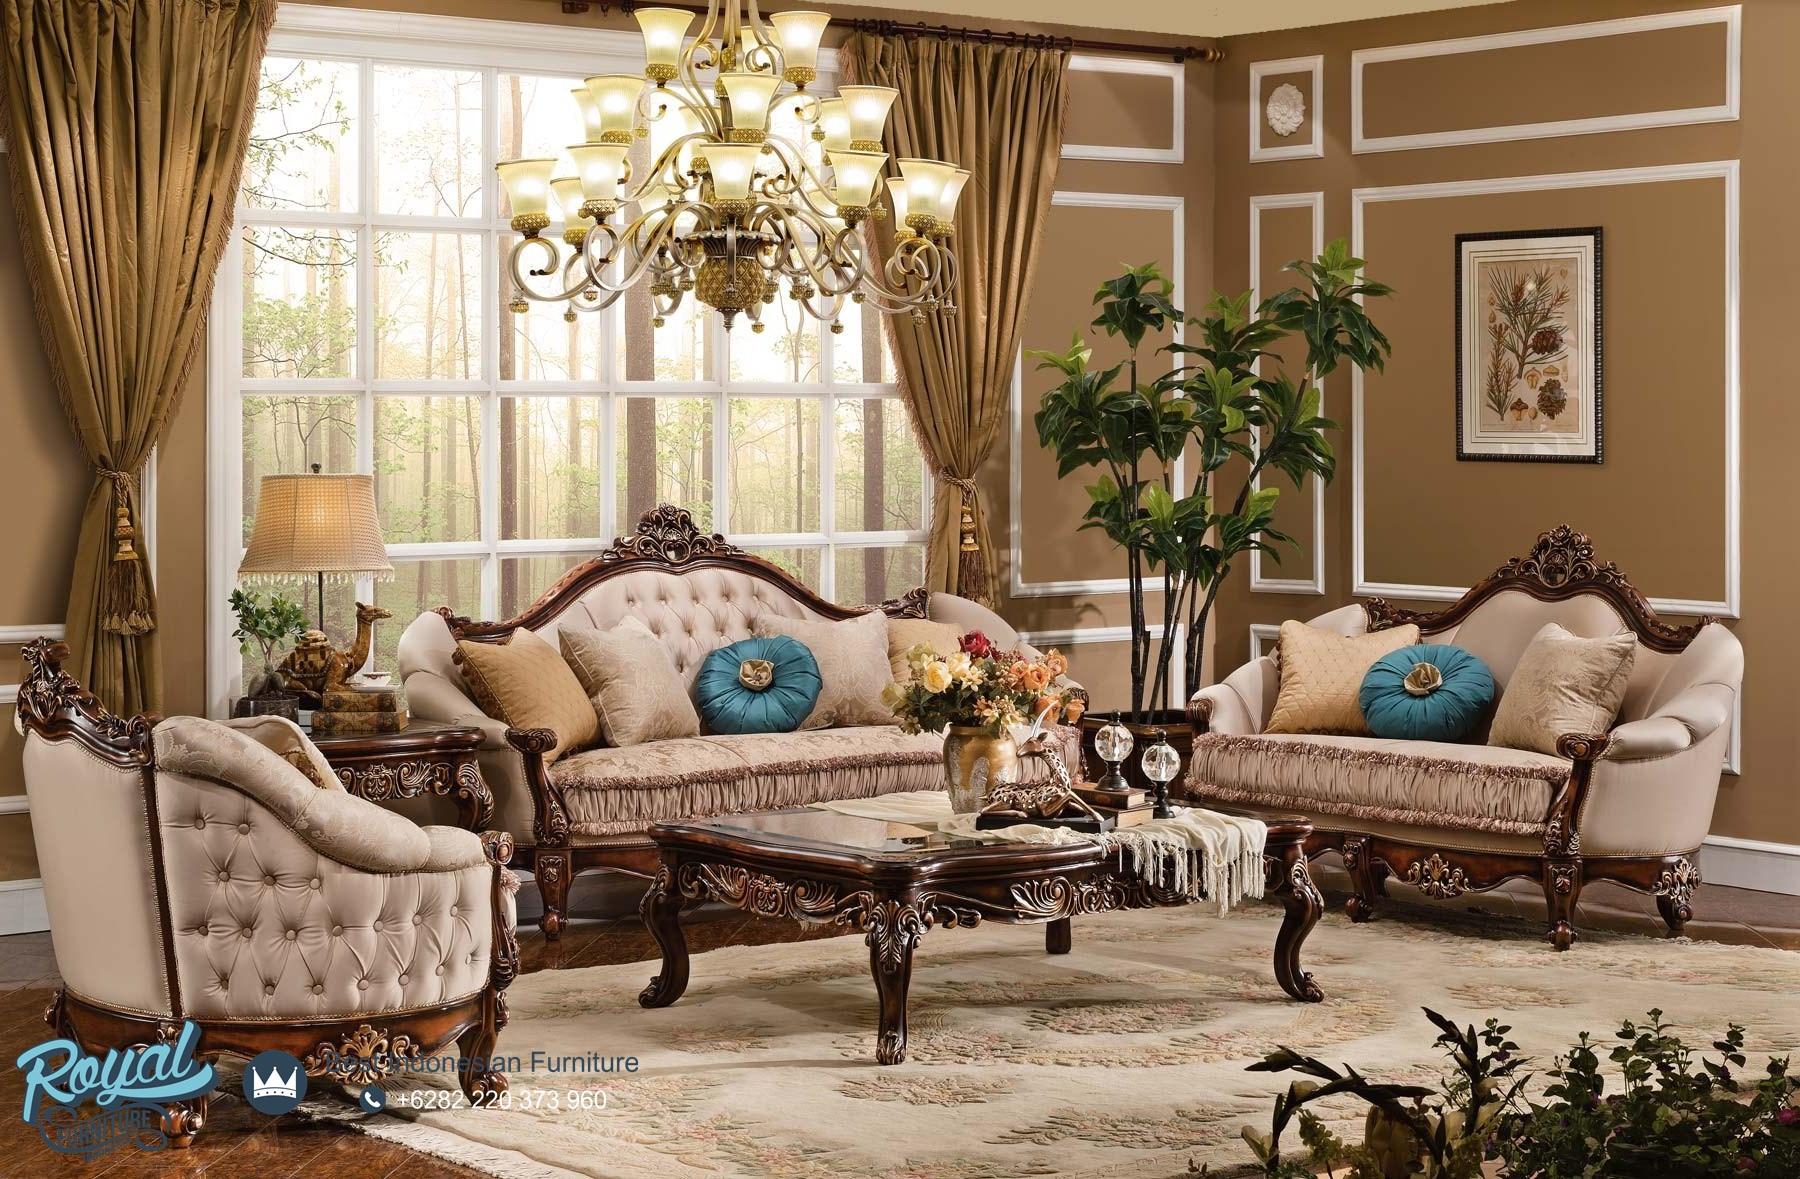 Set Sofa Ruang Tamu Mewah Jati Ukiran Klasik Bristol Living Room, Set Sofa Tamu Terbaru,Set Sofa Tamu Mewah , Set Sofa tamu klasik, Furniture Sofa Tamu Minimalis, Furniture Sofa Tamu, Gambar Sofa Tamu, Harga Sofa Tamu Mewah, Kursi Sofa Tamu Mewah, Kursi Sofa Tamu Minimalis, Set Sofa Tamu Mewah, Sofa Kursi Tamu Jepara, Sofa Mewah Ruang Tamu, Sofa Ruang Tamu Elegan, Sofa Ruang Tamu Jati, Sofa Ruang Tamu Jepara, Sofa Ruang Tamu Mewah, Sofa Tamu Jati, Sofa Tamu Jati Jepara, Sofa Tamu Jati Minimalis, Sofa Tamu Jepara, Sofa Tamu Klasik, Sofa Tamu L Minimalis, Sofa Tamu Mewah, Sofa Tamu Mewah Klasik, Sofa Tamu Minimalis, Sofa Tamu Minimalis Jati, Sofa Tamu Minimalis Mewah, Sofa Tamu Minimalis Modern, Sofa Tamu Minimalis Murah, Sofa Tamu Minimalis Terbaru, Sofa Tamu Modern, Sofa Tamu Murah, Sofa Tamu Set Minimalis, Sofa Tamu Sudut Minimalis, Sofa Tamu Ukir Mewah, Sofa Tamu Ukiran Jepara,Royal Furniture